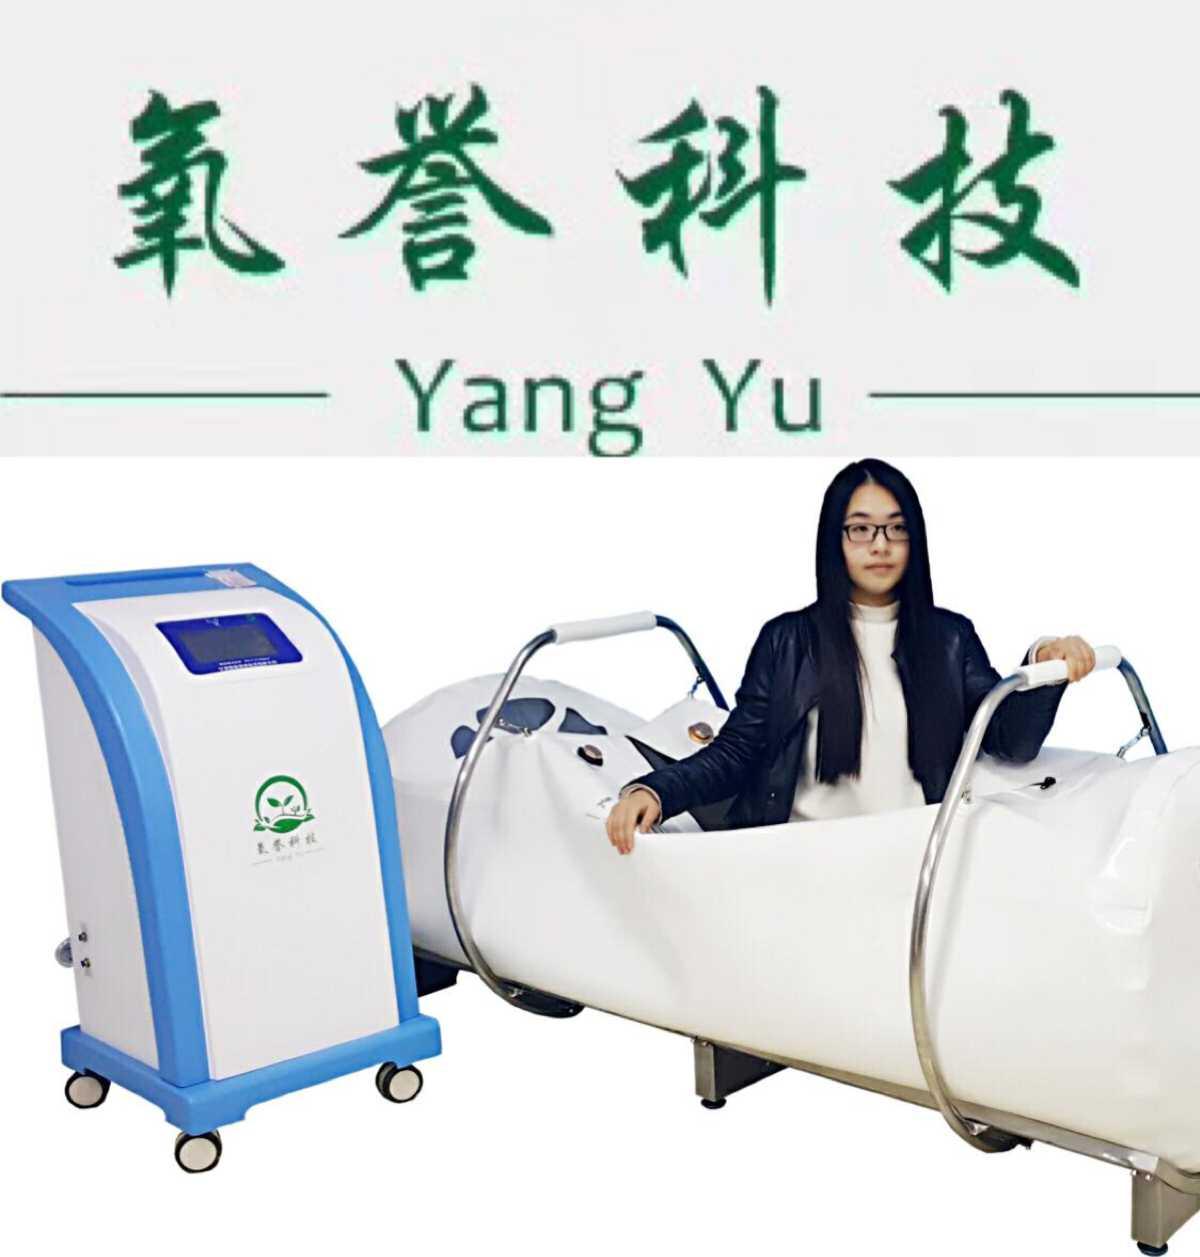 宁波氧誉健康科技有限公司